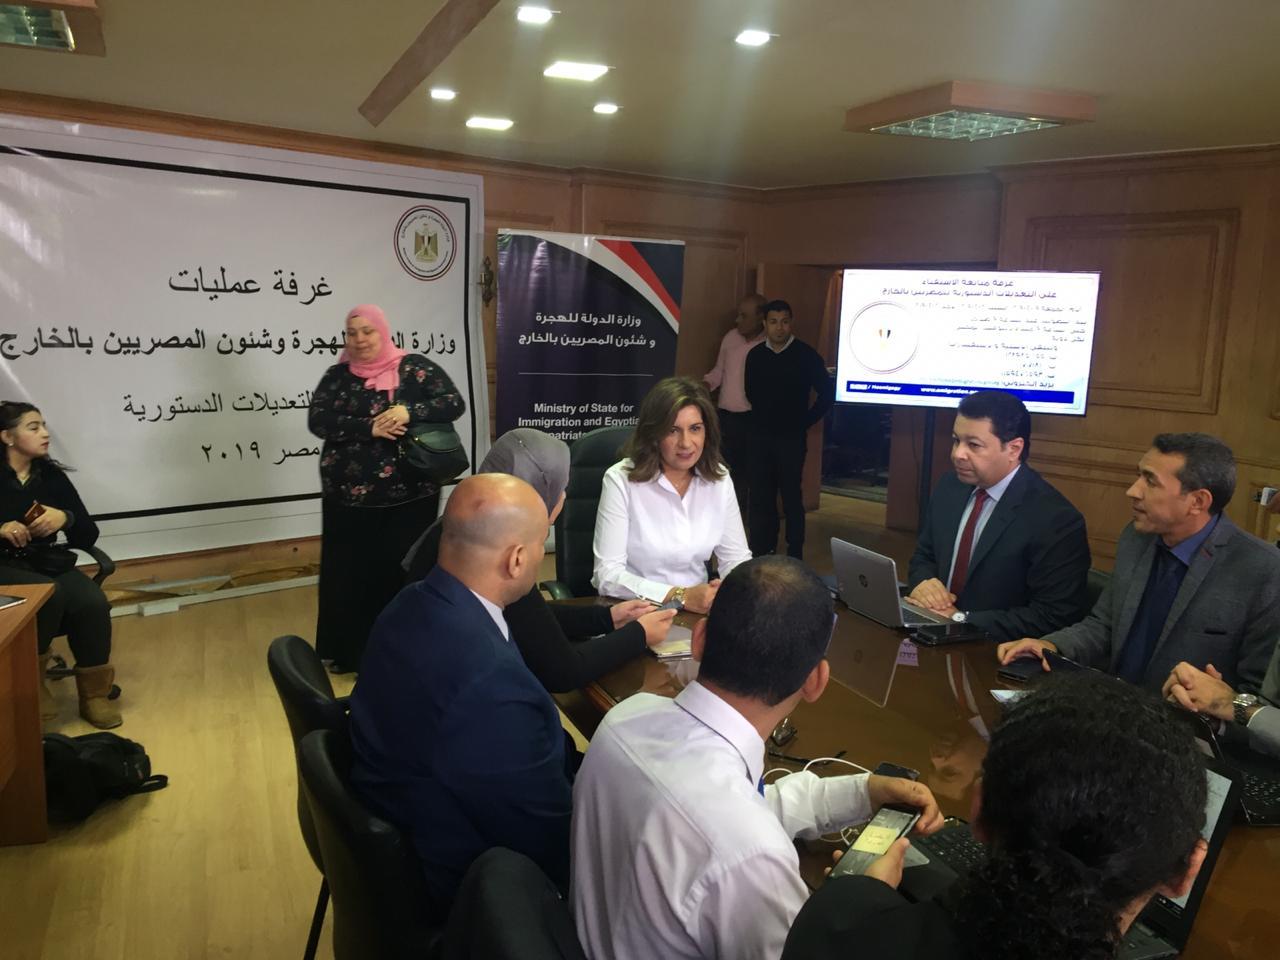 غرفة عمليات لمتابعة تصويت المصريين فى الخارج بالاستفتاء (1)